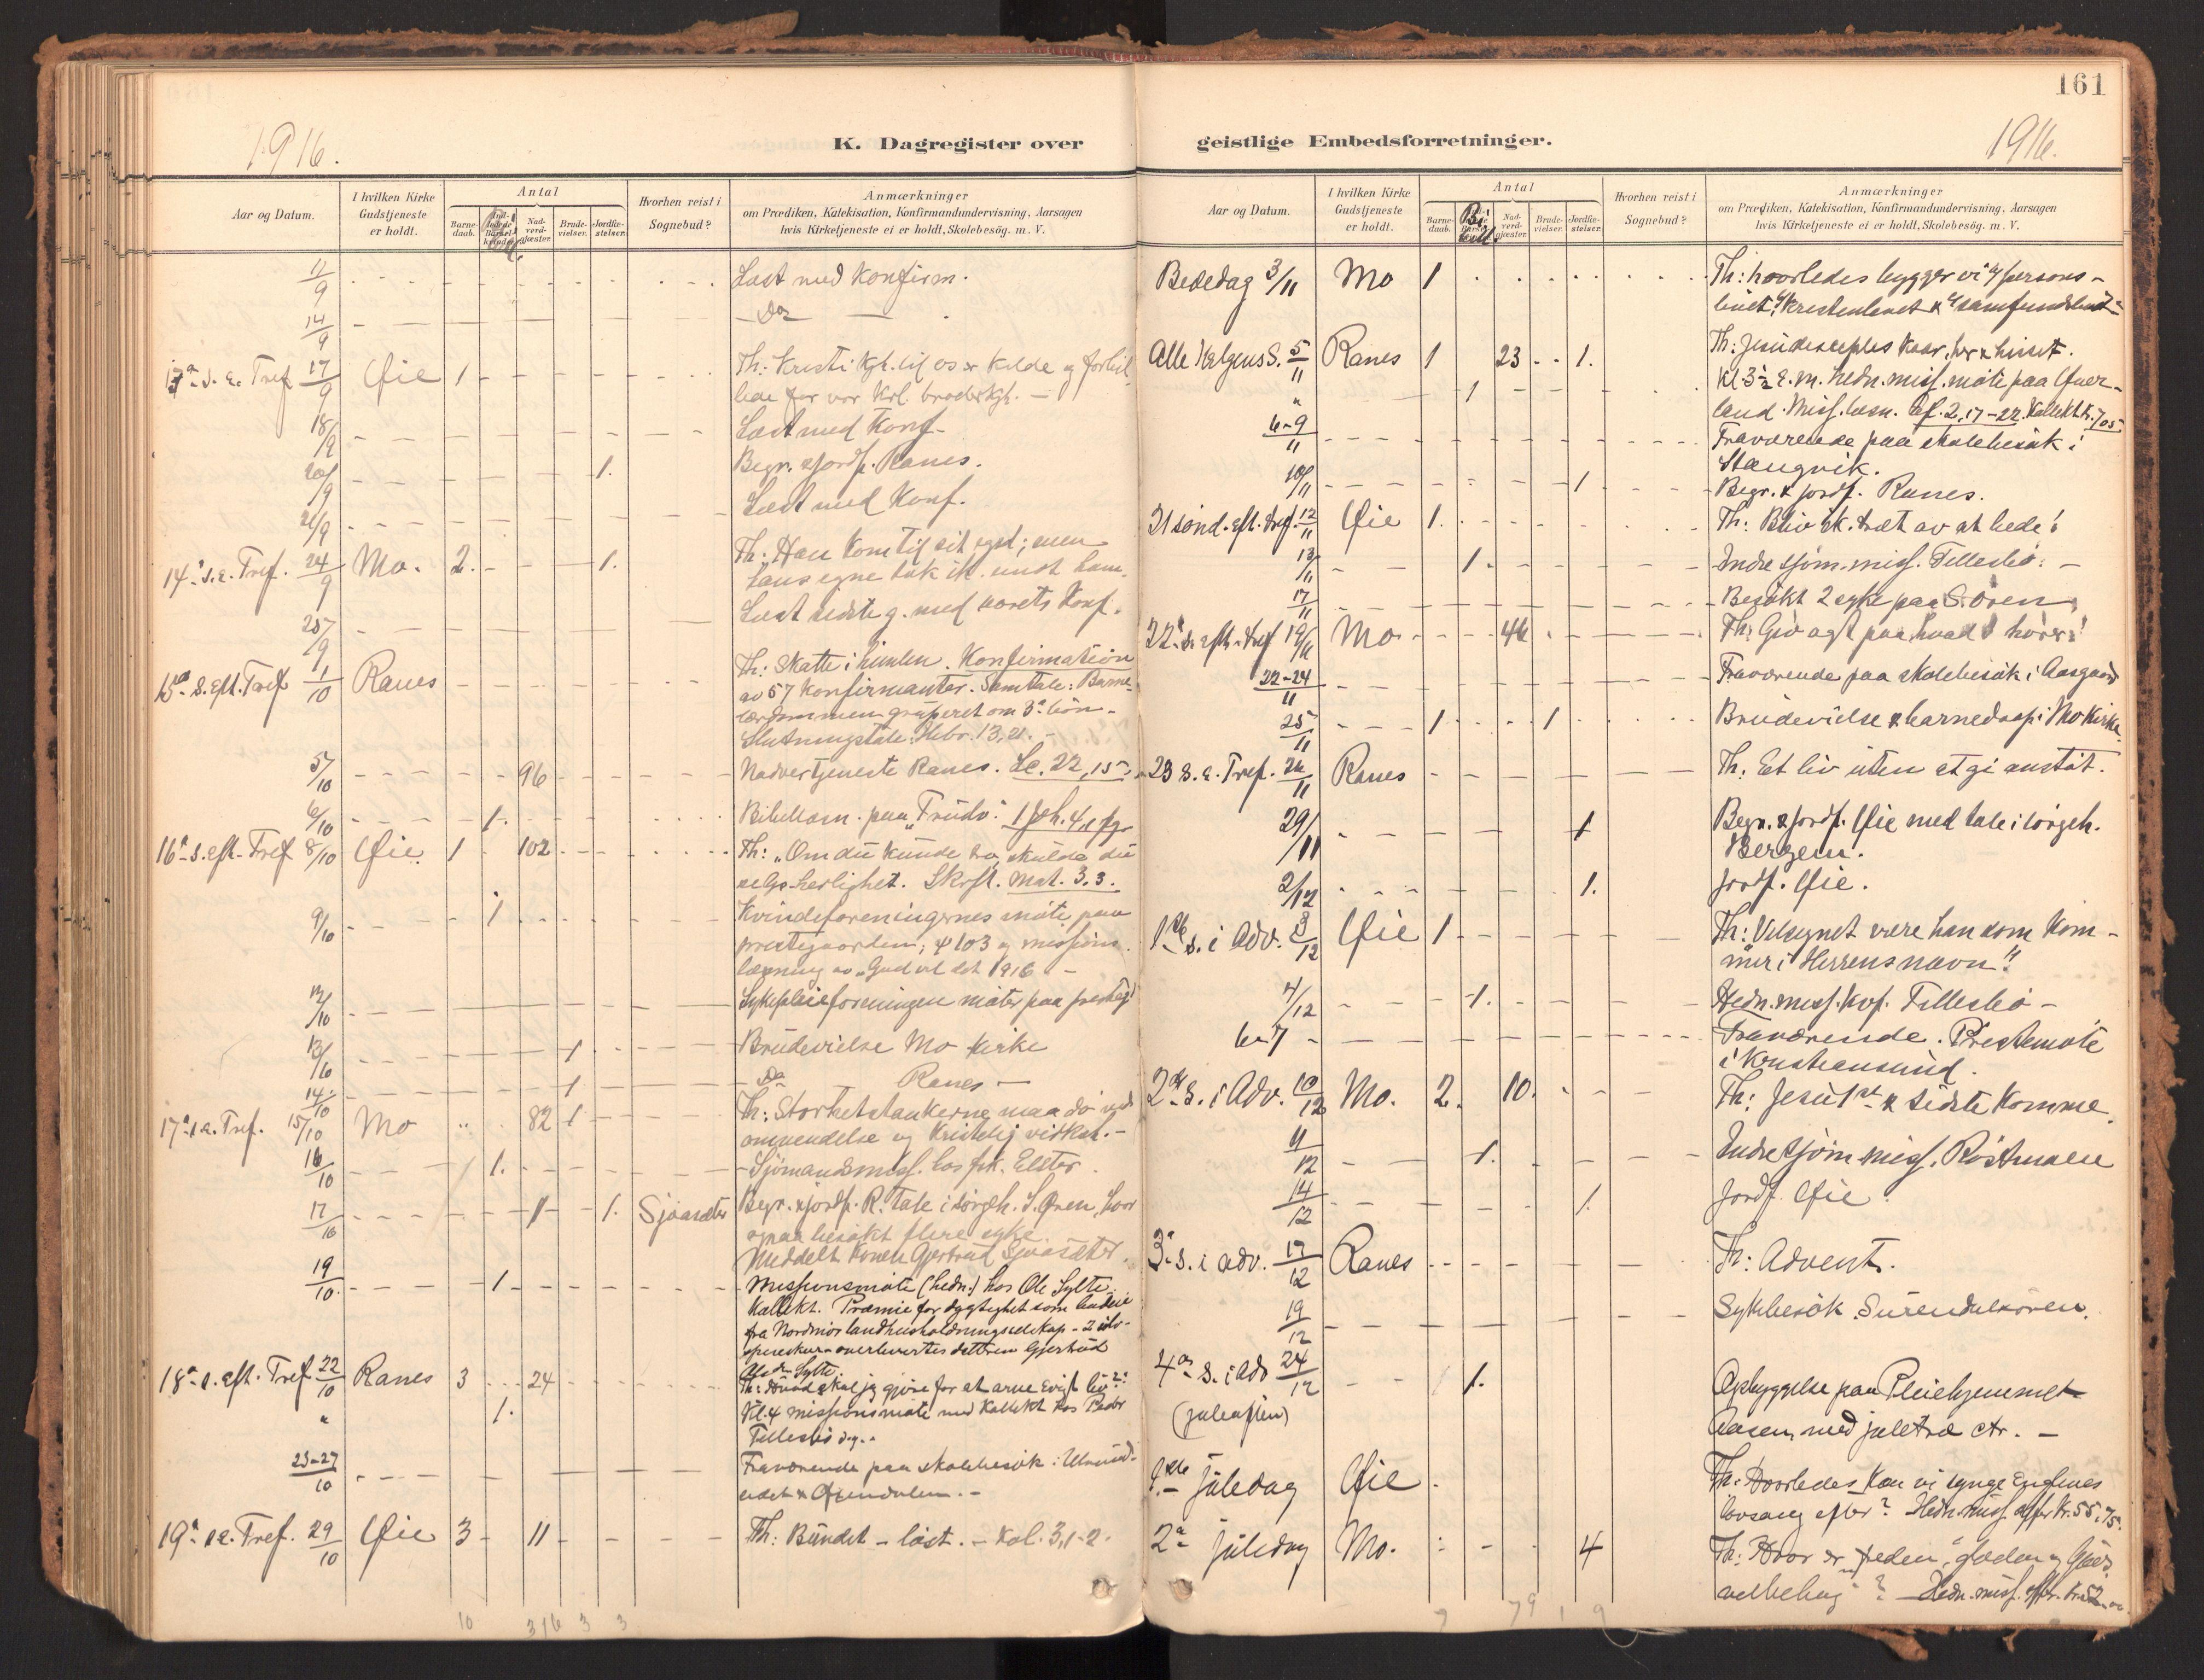 SAT, Ministerialprotokoller, klokkerbøker og fødselsregistre - Møre og Romsdal, 595/L1048: Ministerialbok nr. 595A10, 1900-1917, s. 161